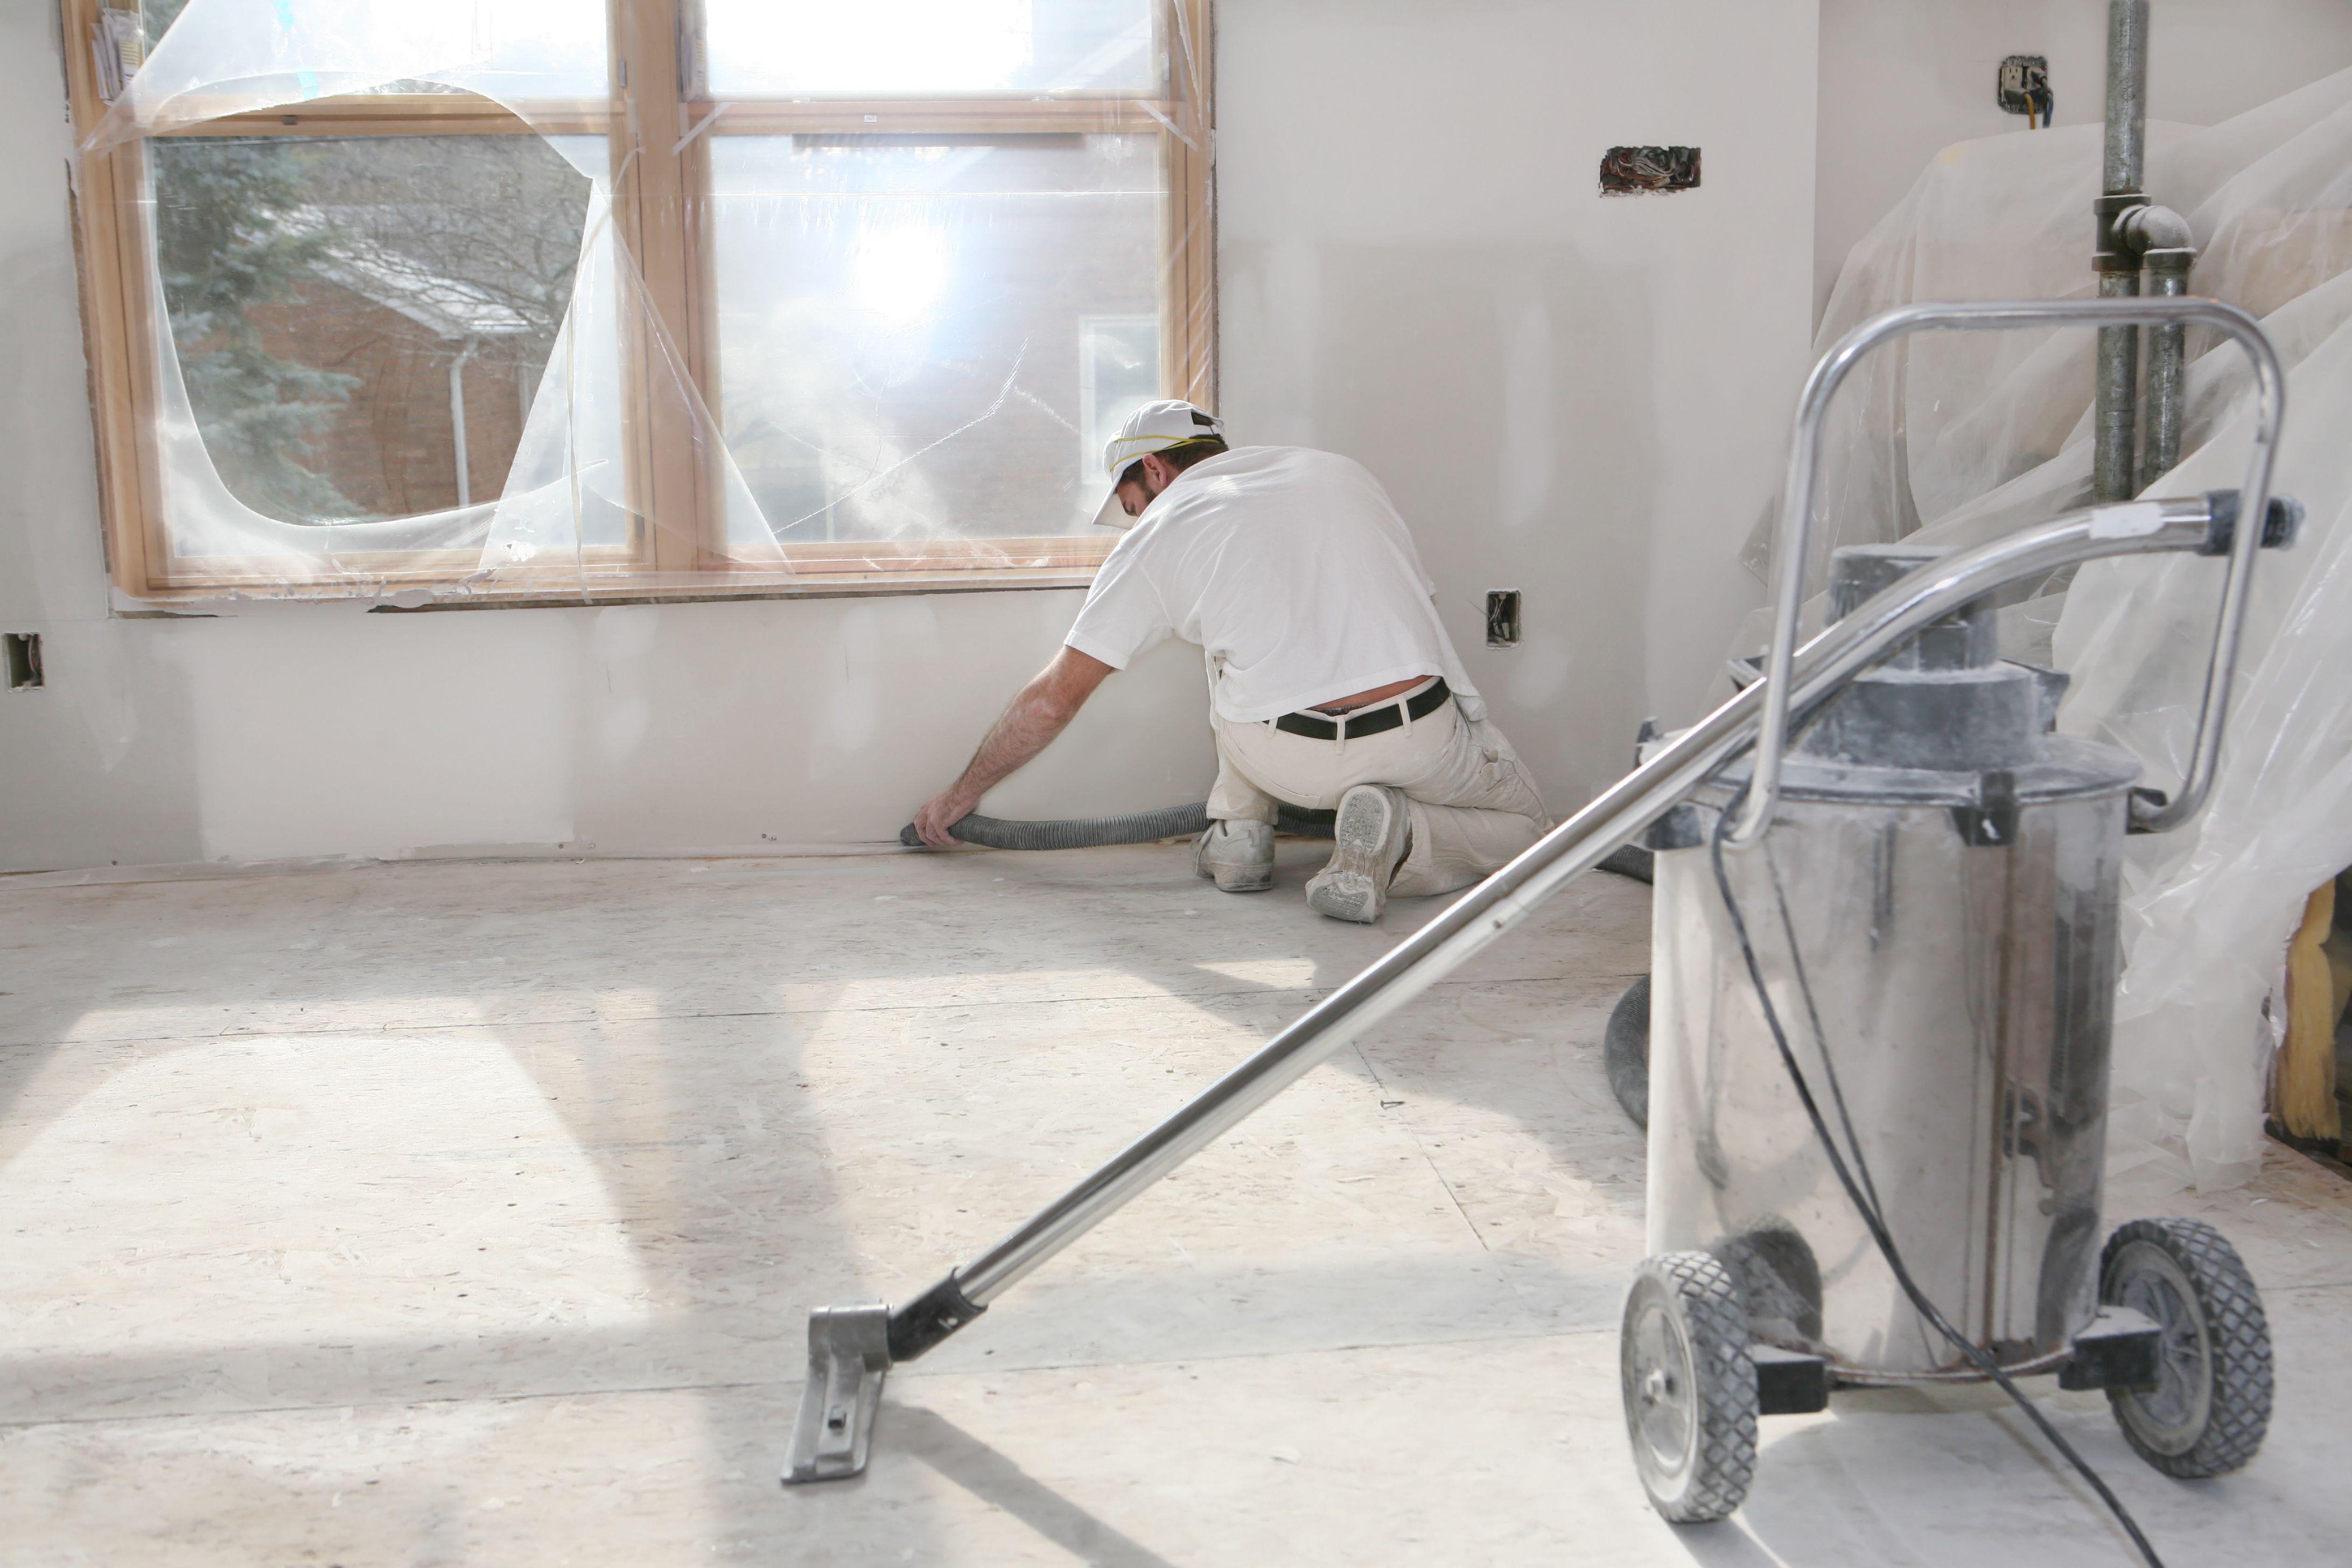 Servicio urgente de limpieza, o limpieza exprés: Servicios de Limpiezas Rossel